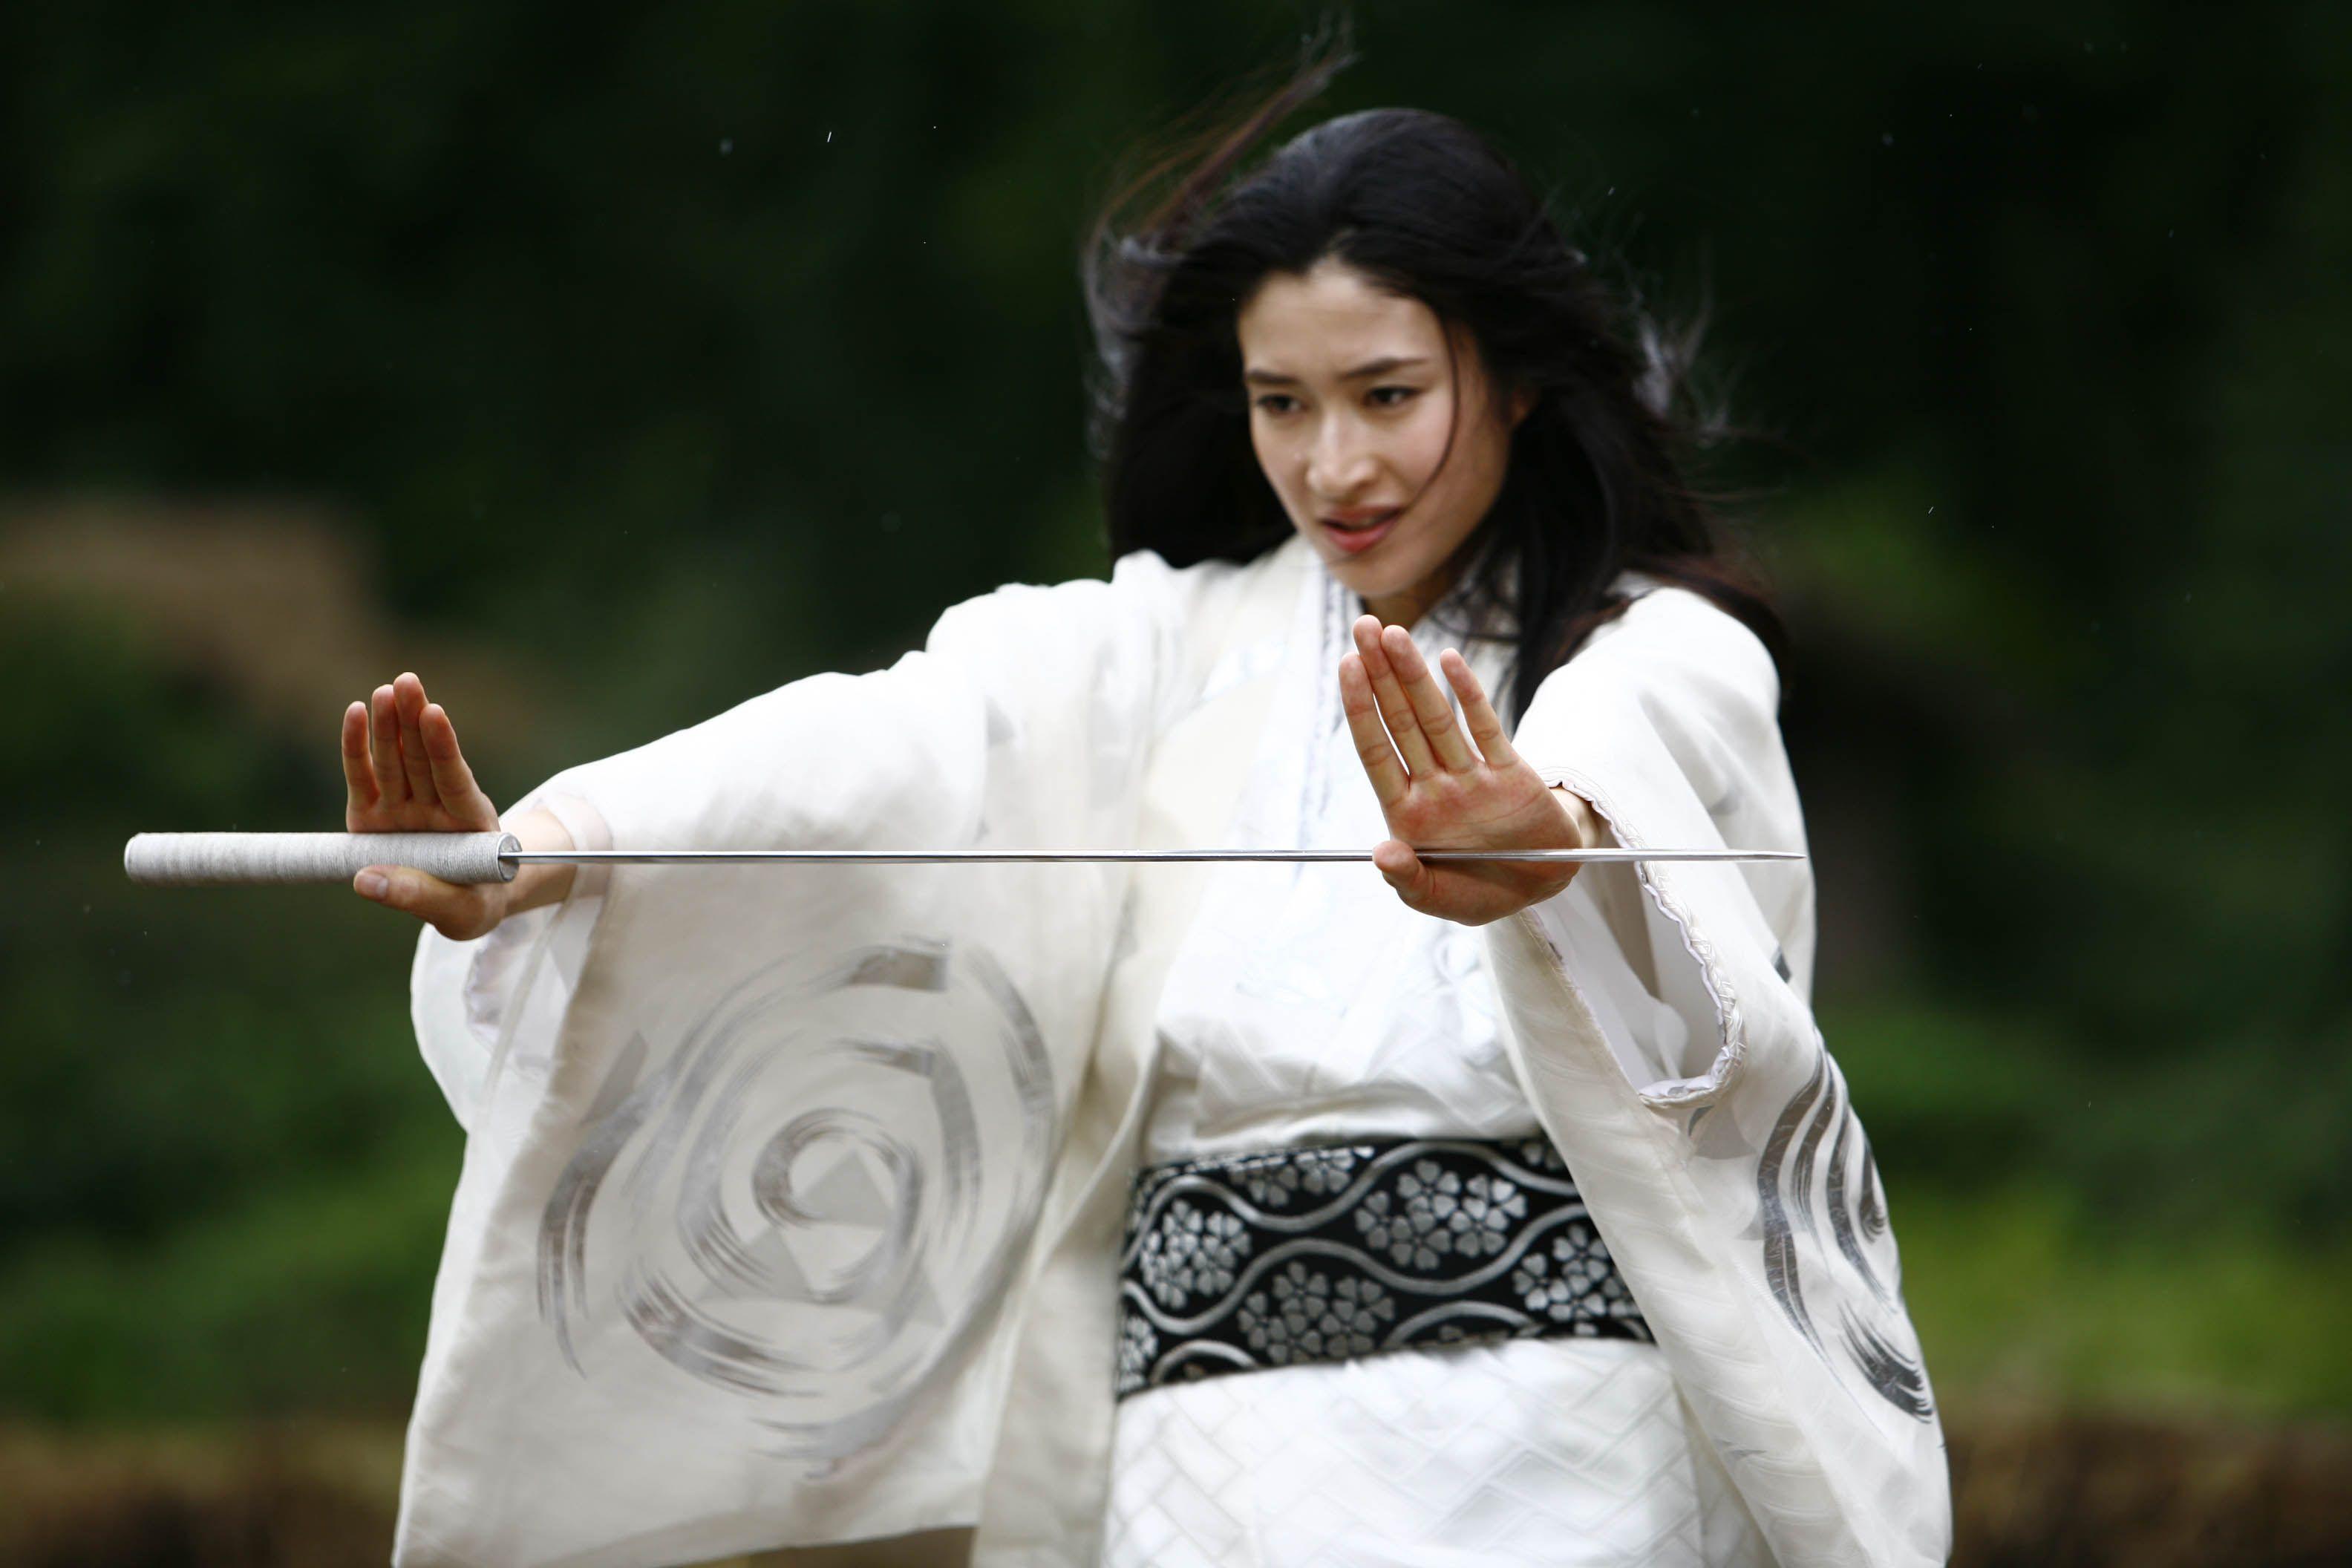 白い着物姿で演技をする美しすぎる女優・小雪